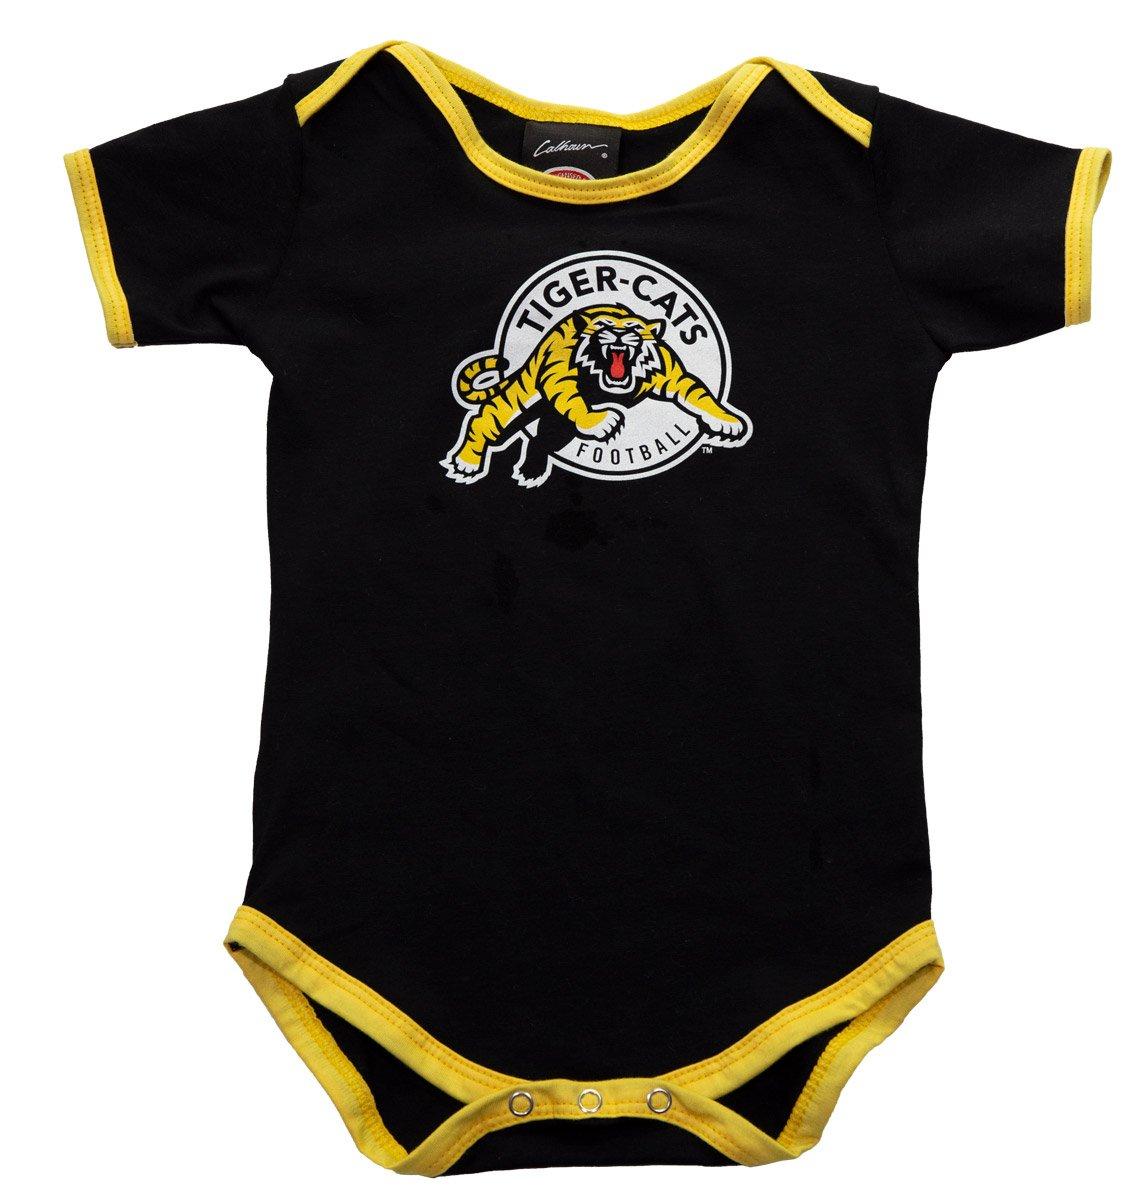 Calhoun CFL Baby Onesie Diaper Suit